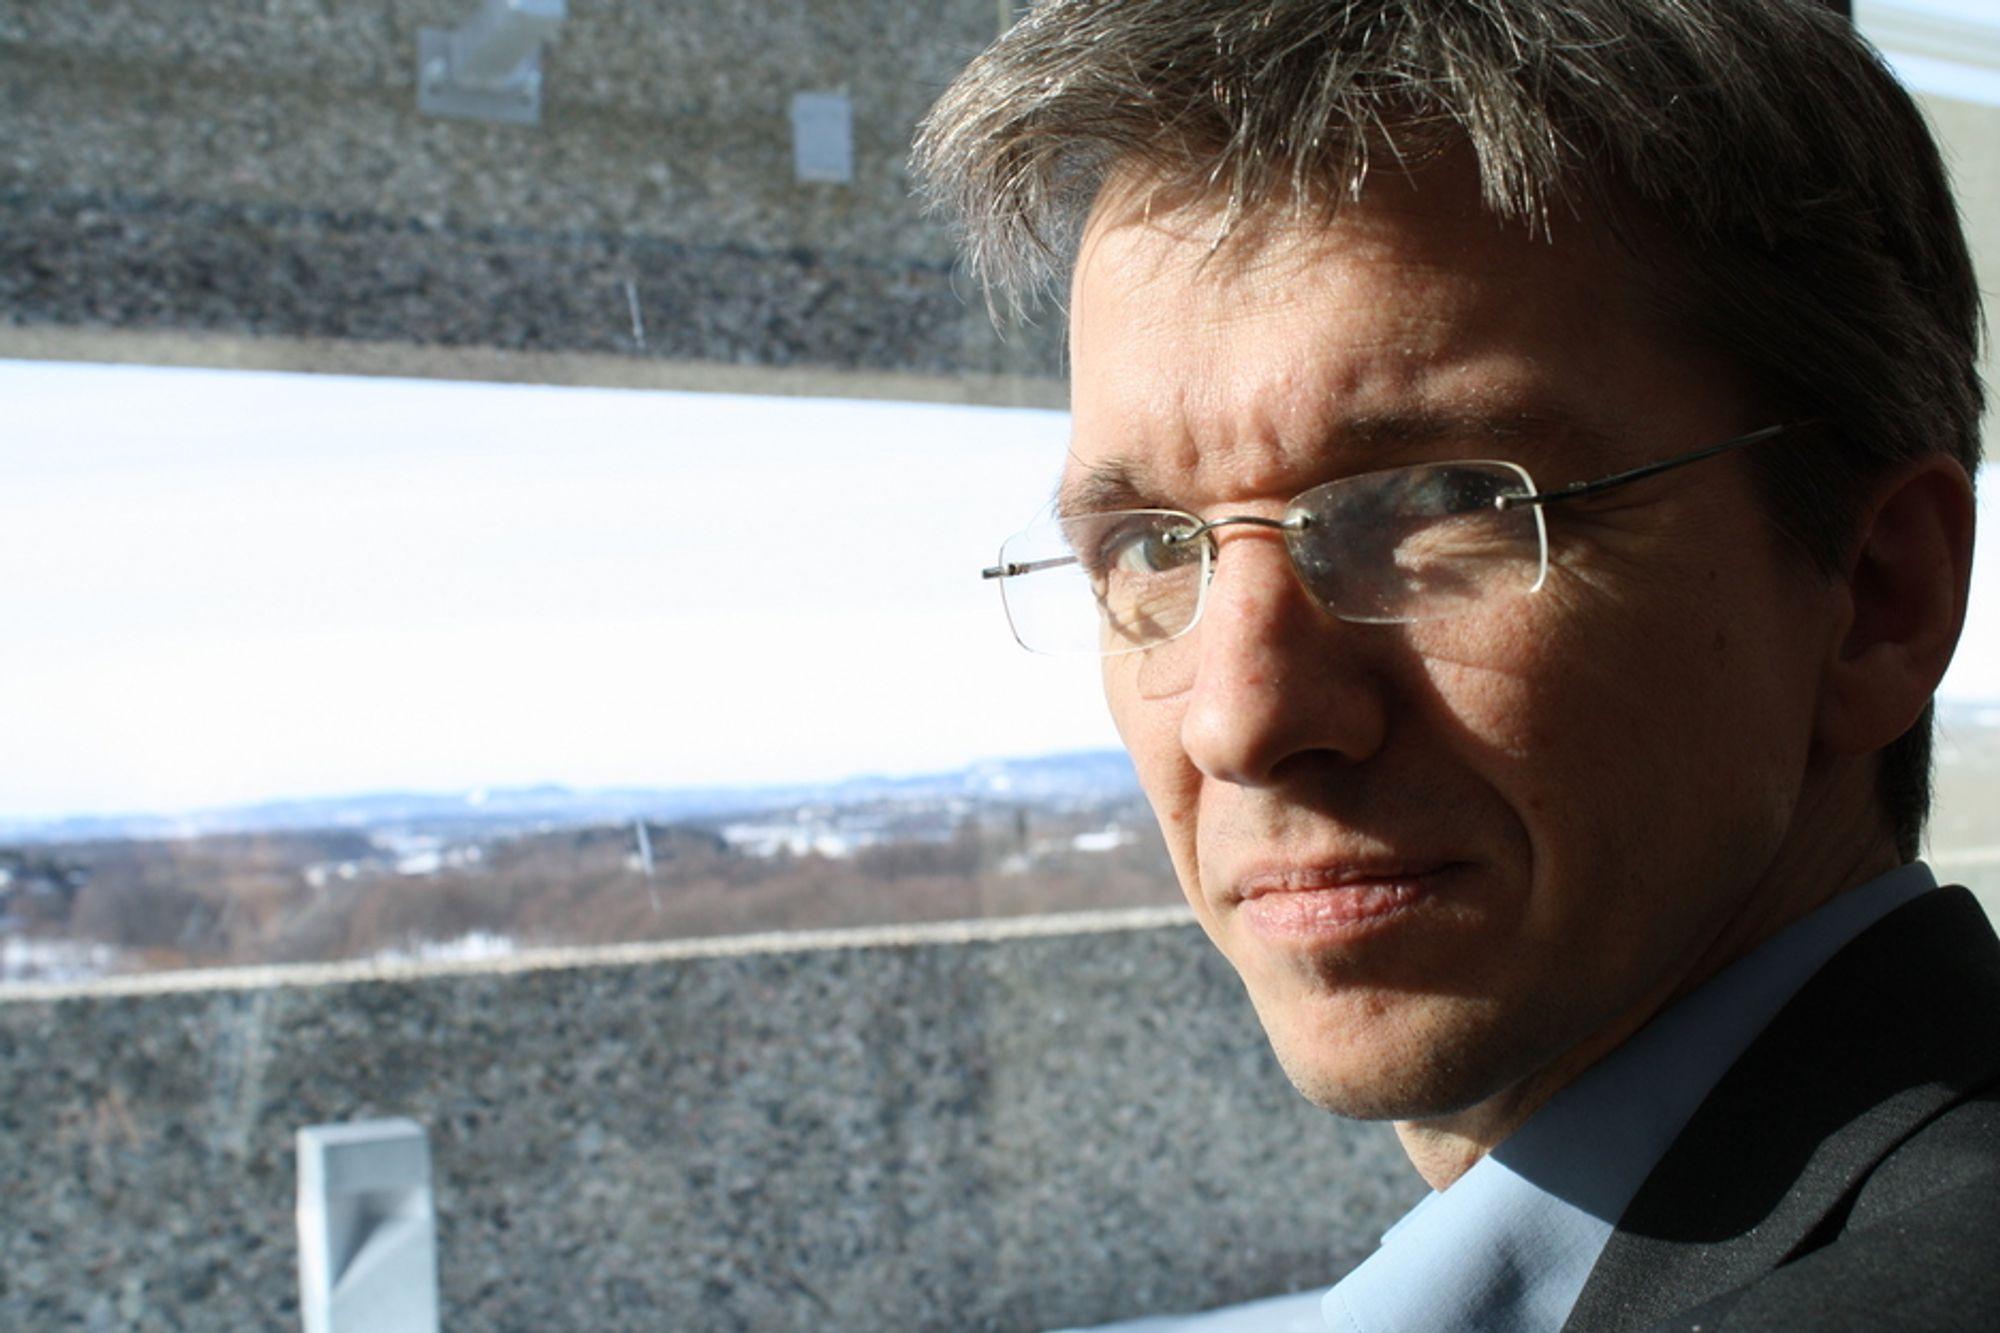 LITE FREMTIDSRETTET: I Norge snakker man om å bevare kompetanse og arbeidsplasser. I utlandet handler det mest om å skape nye, illustrerer Abelia-leder Paul Chaffey.